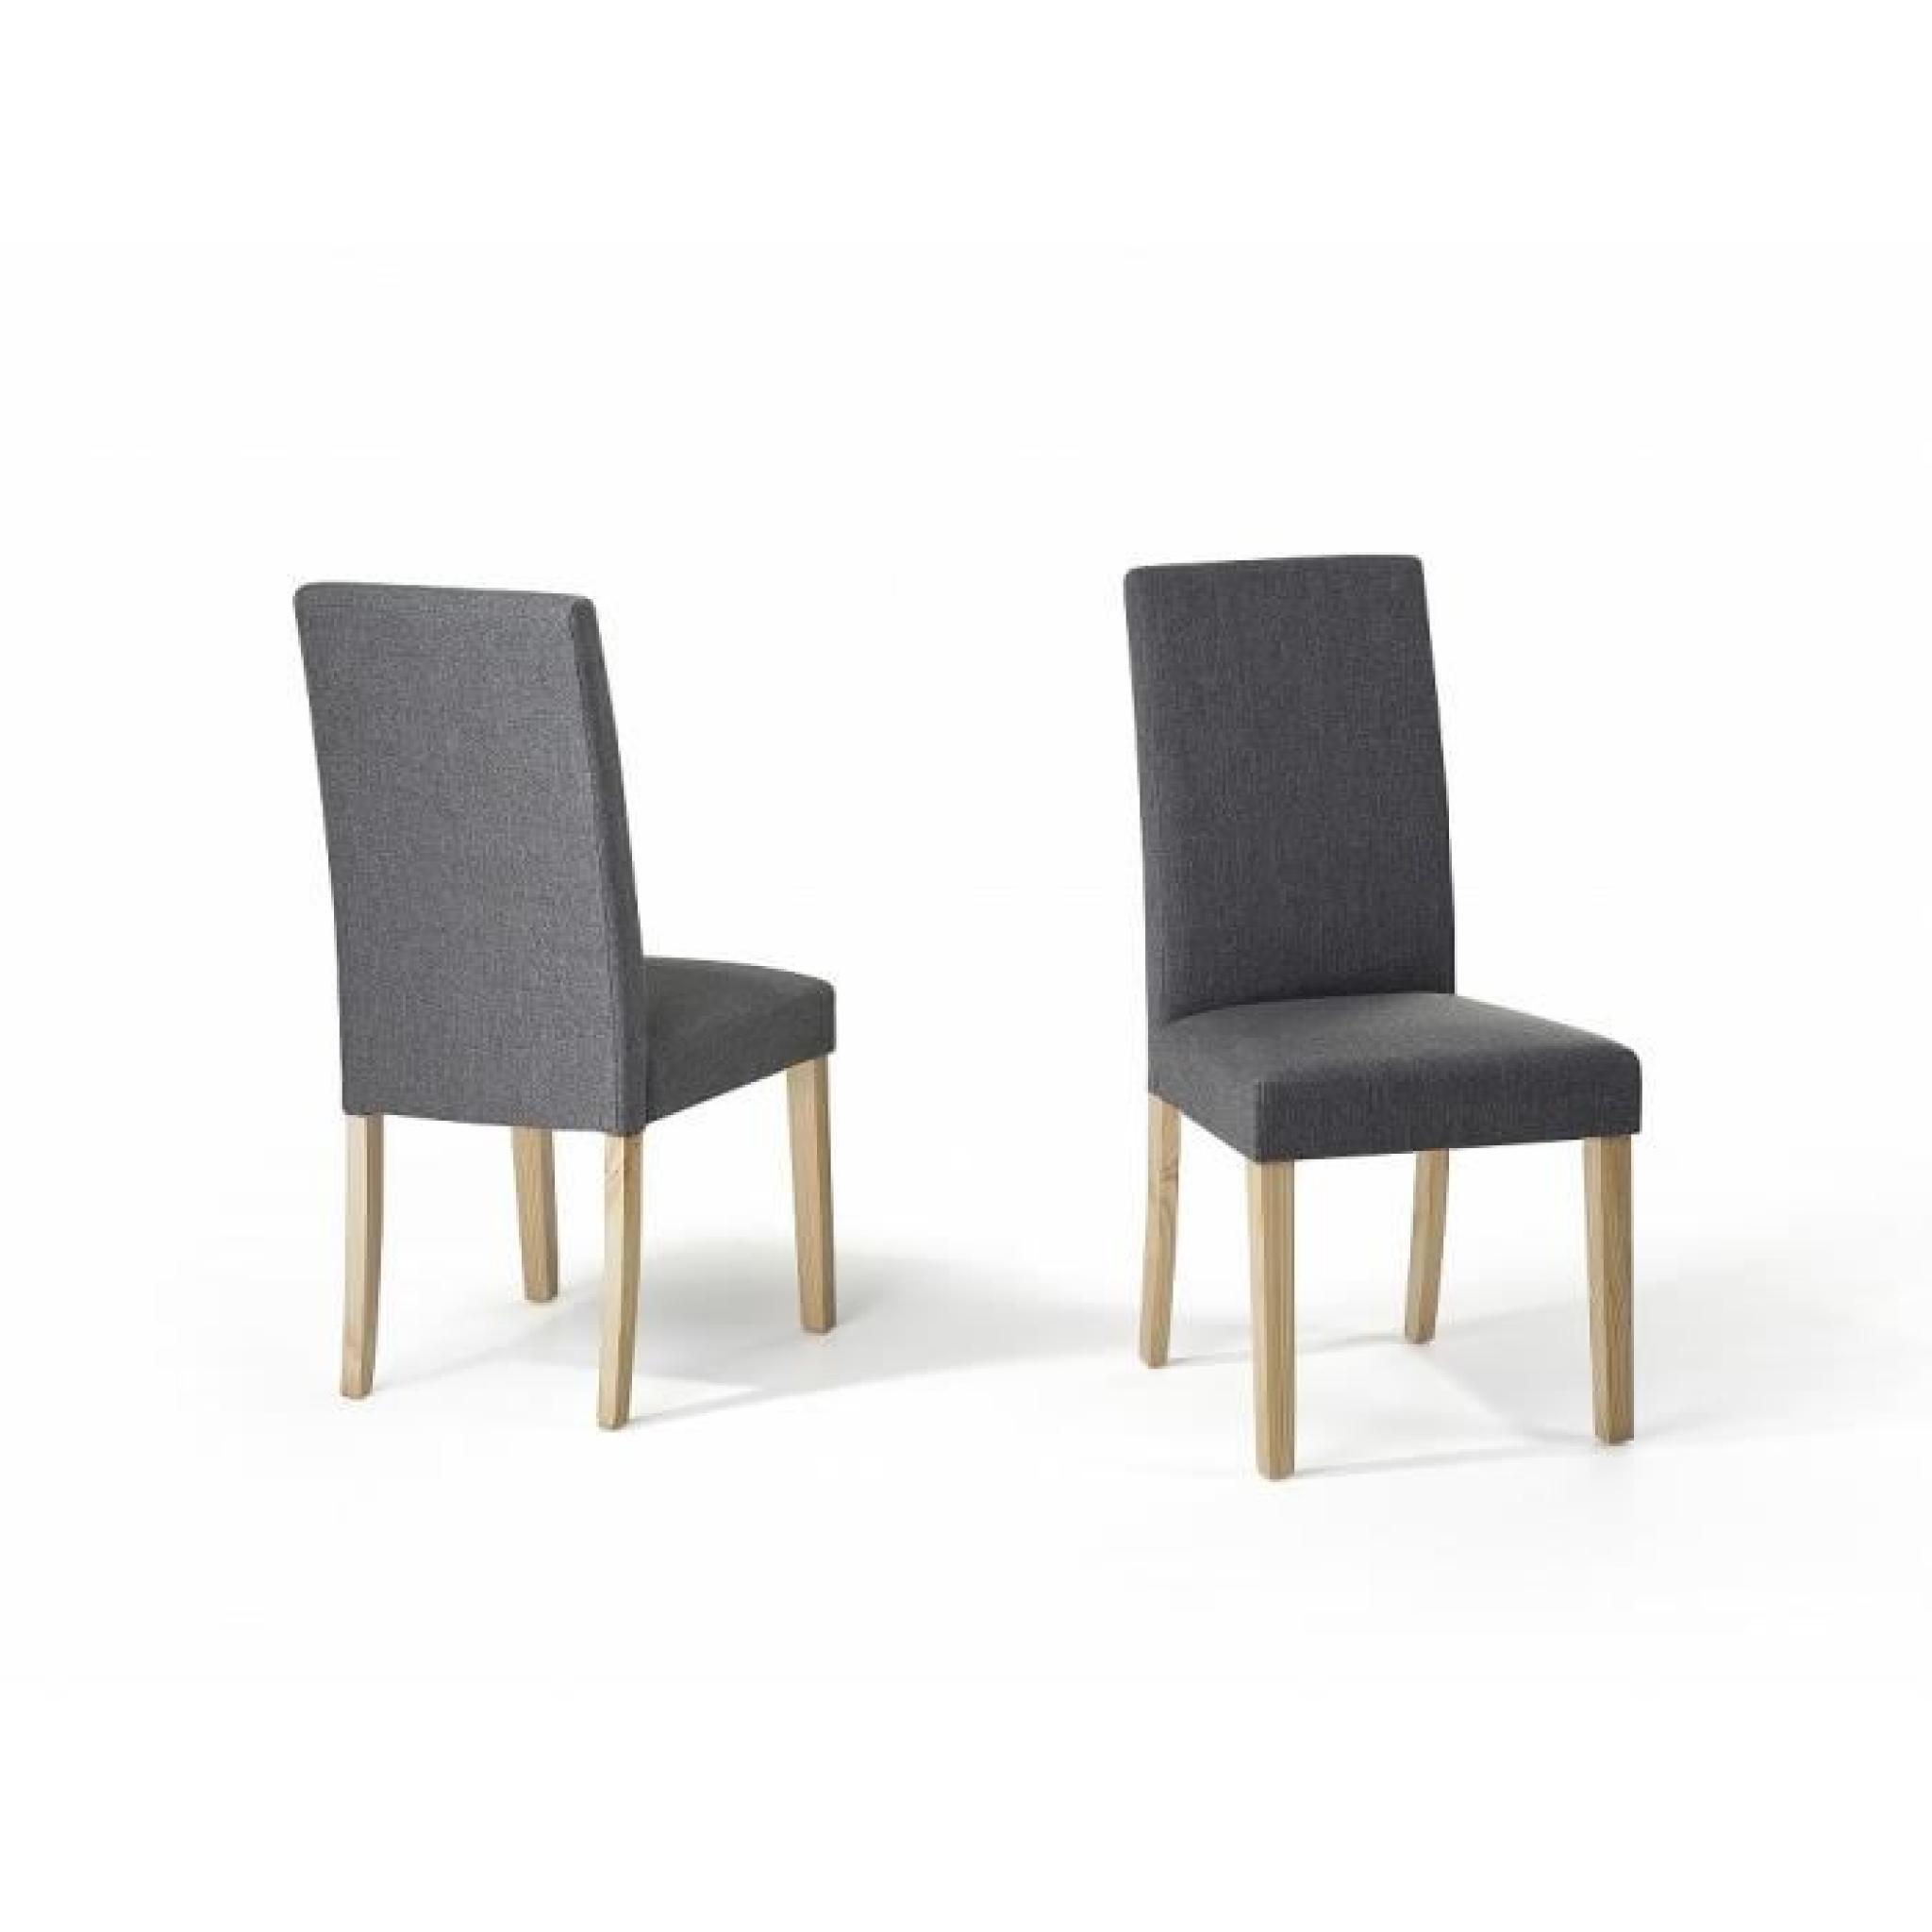 Chaises de salle  manger lot de 2 chaises en tissu gris